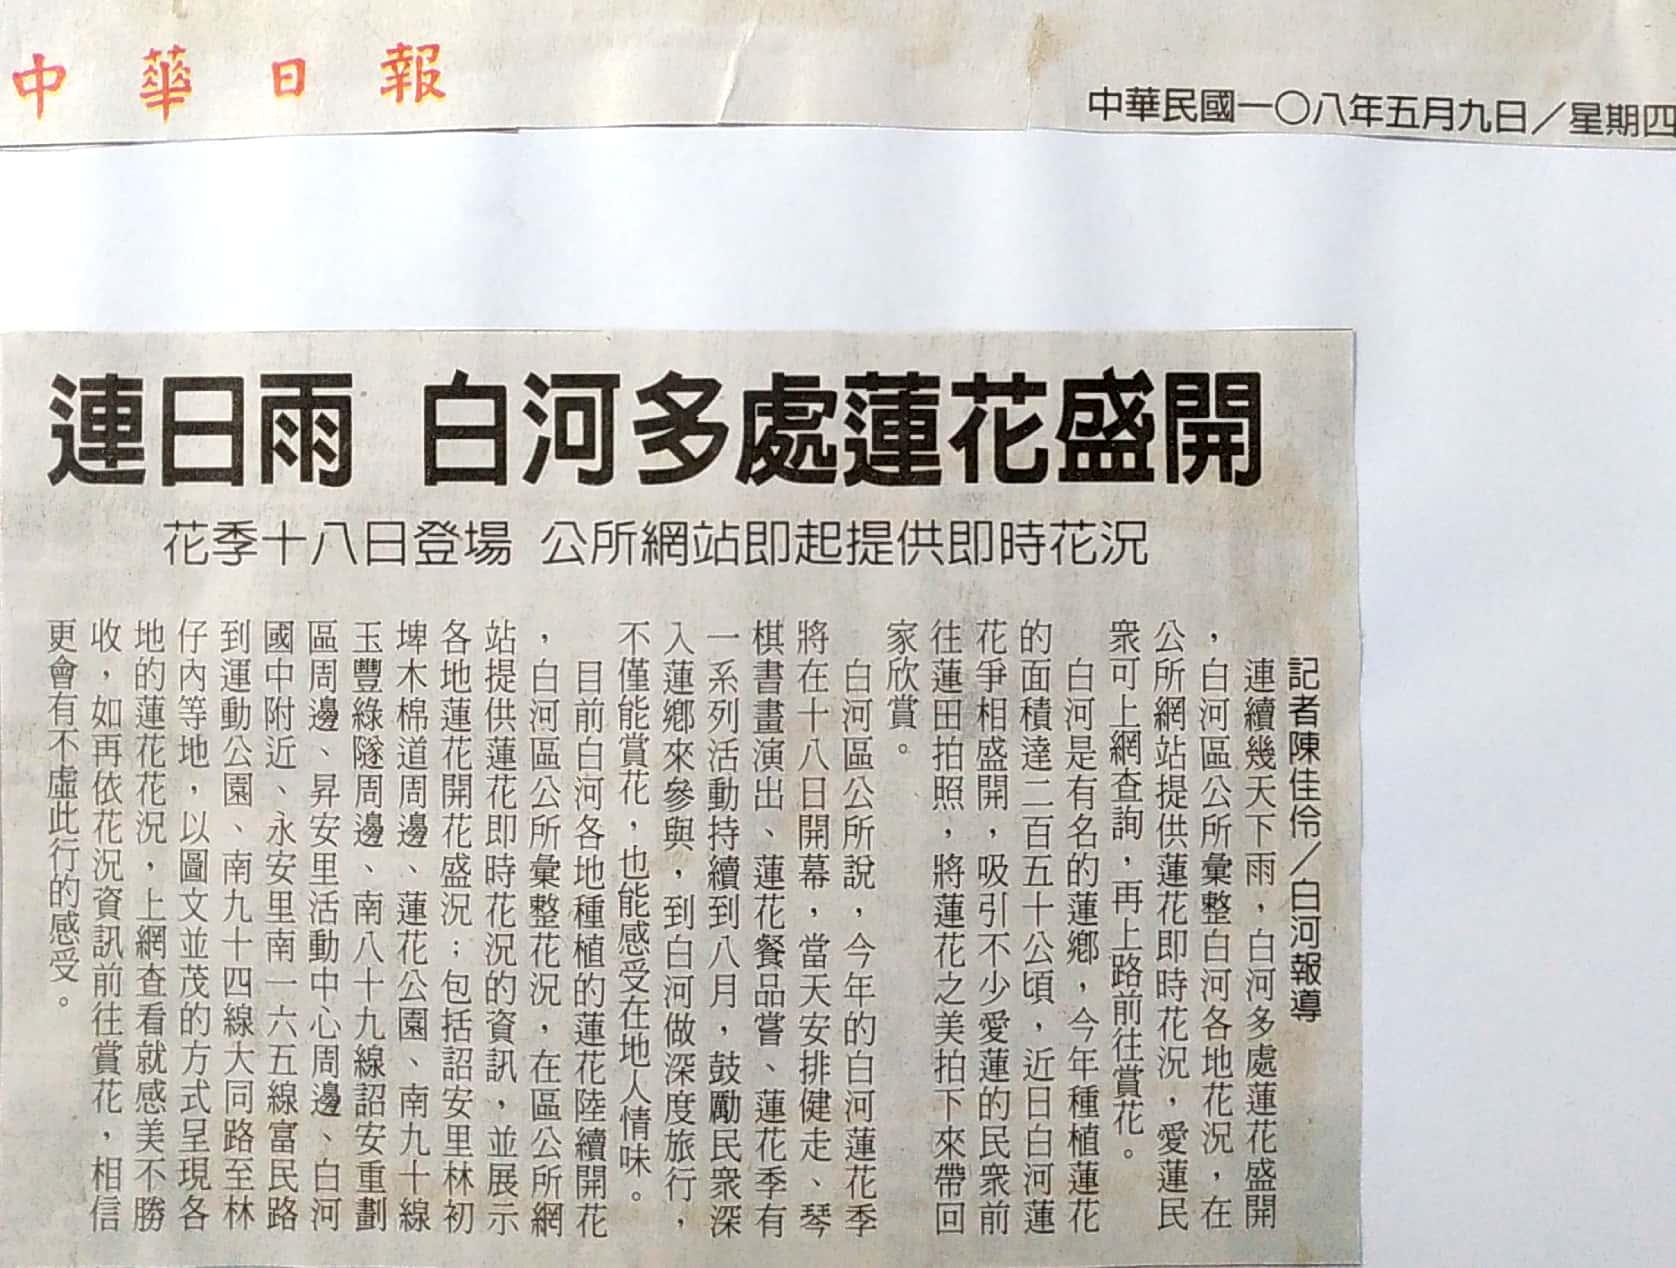 白河蓮花多處盛開-中華日報